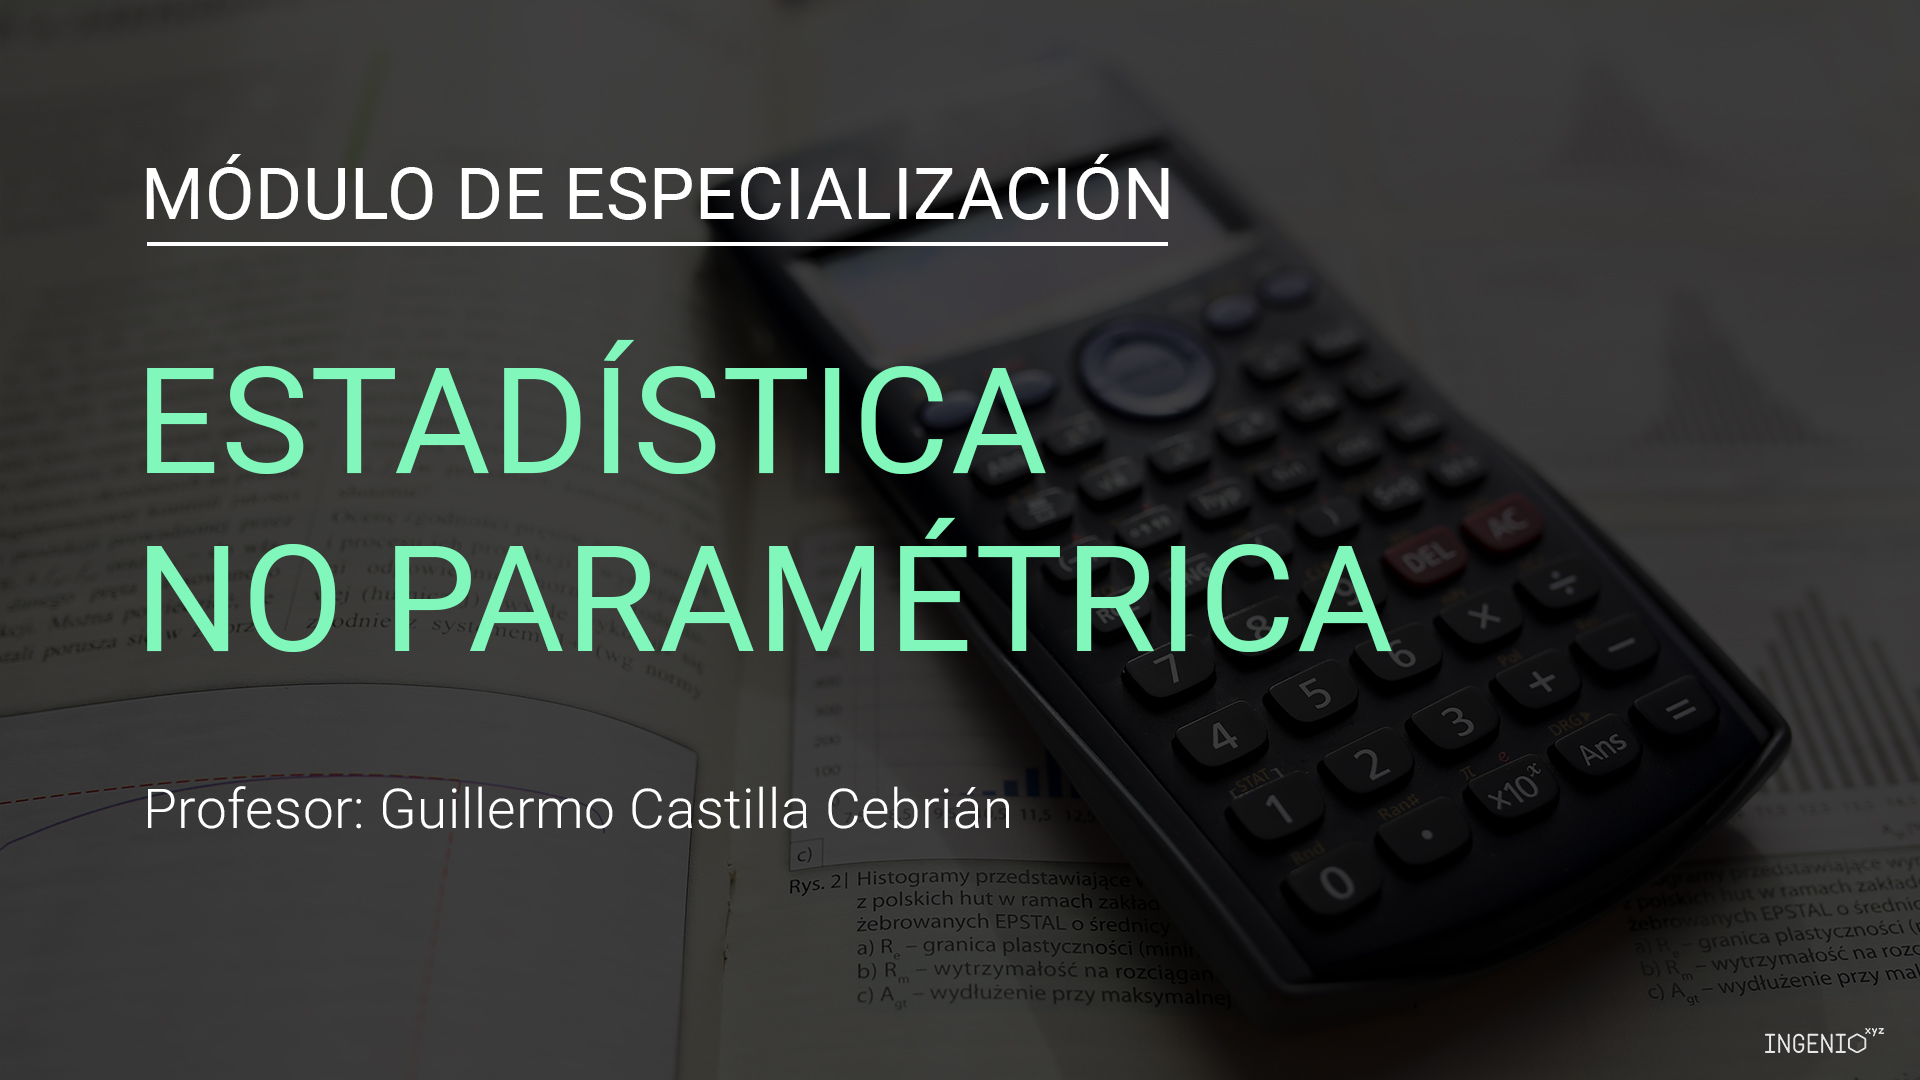 Módulo de especialización en estadística no paremétrica